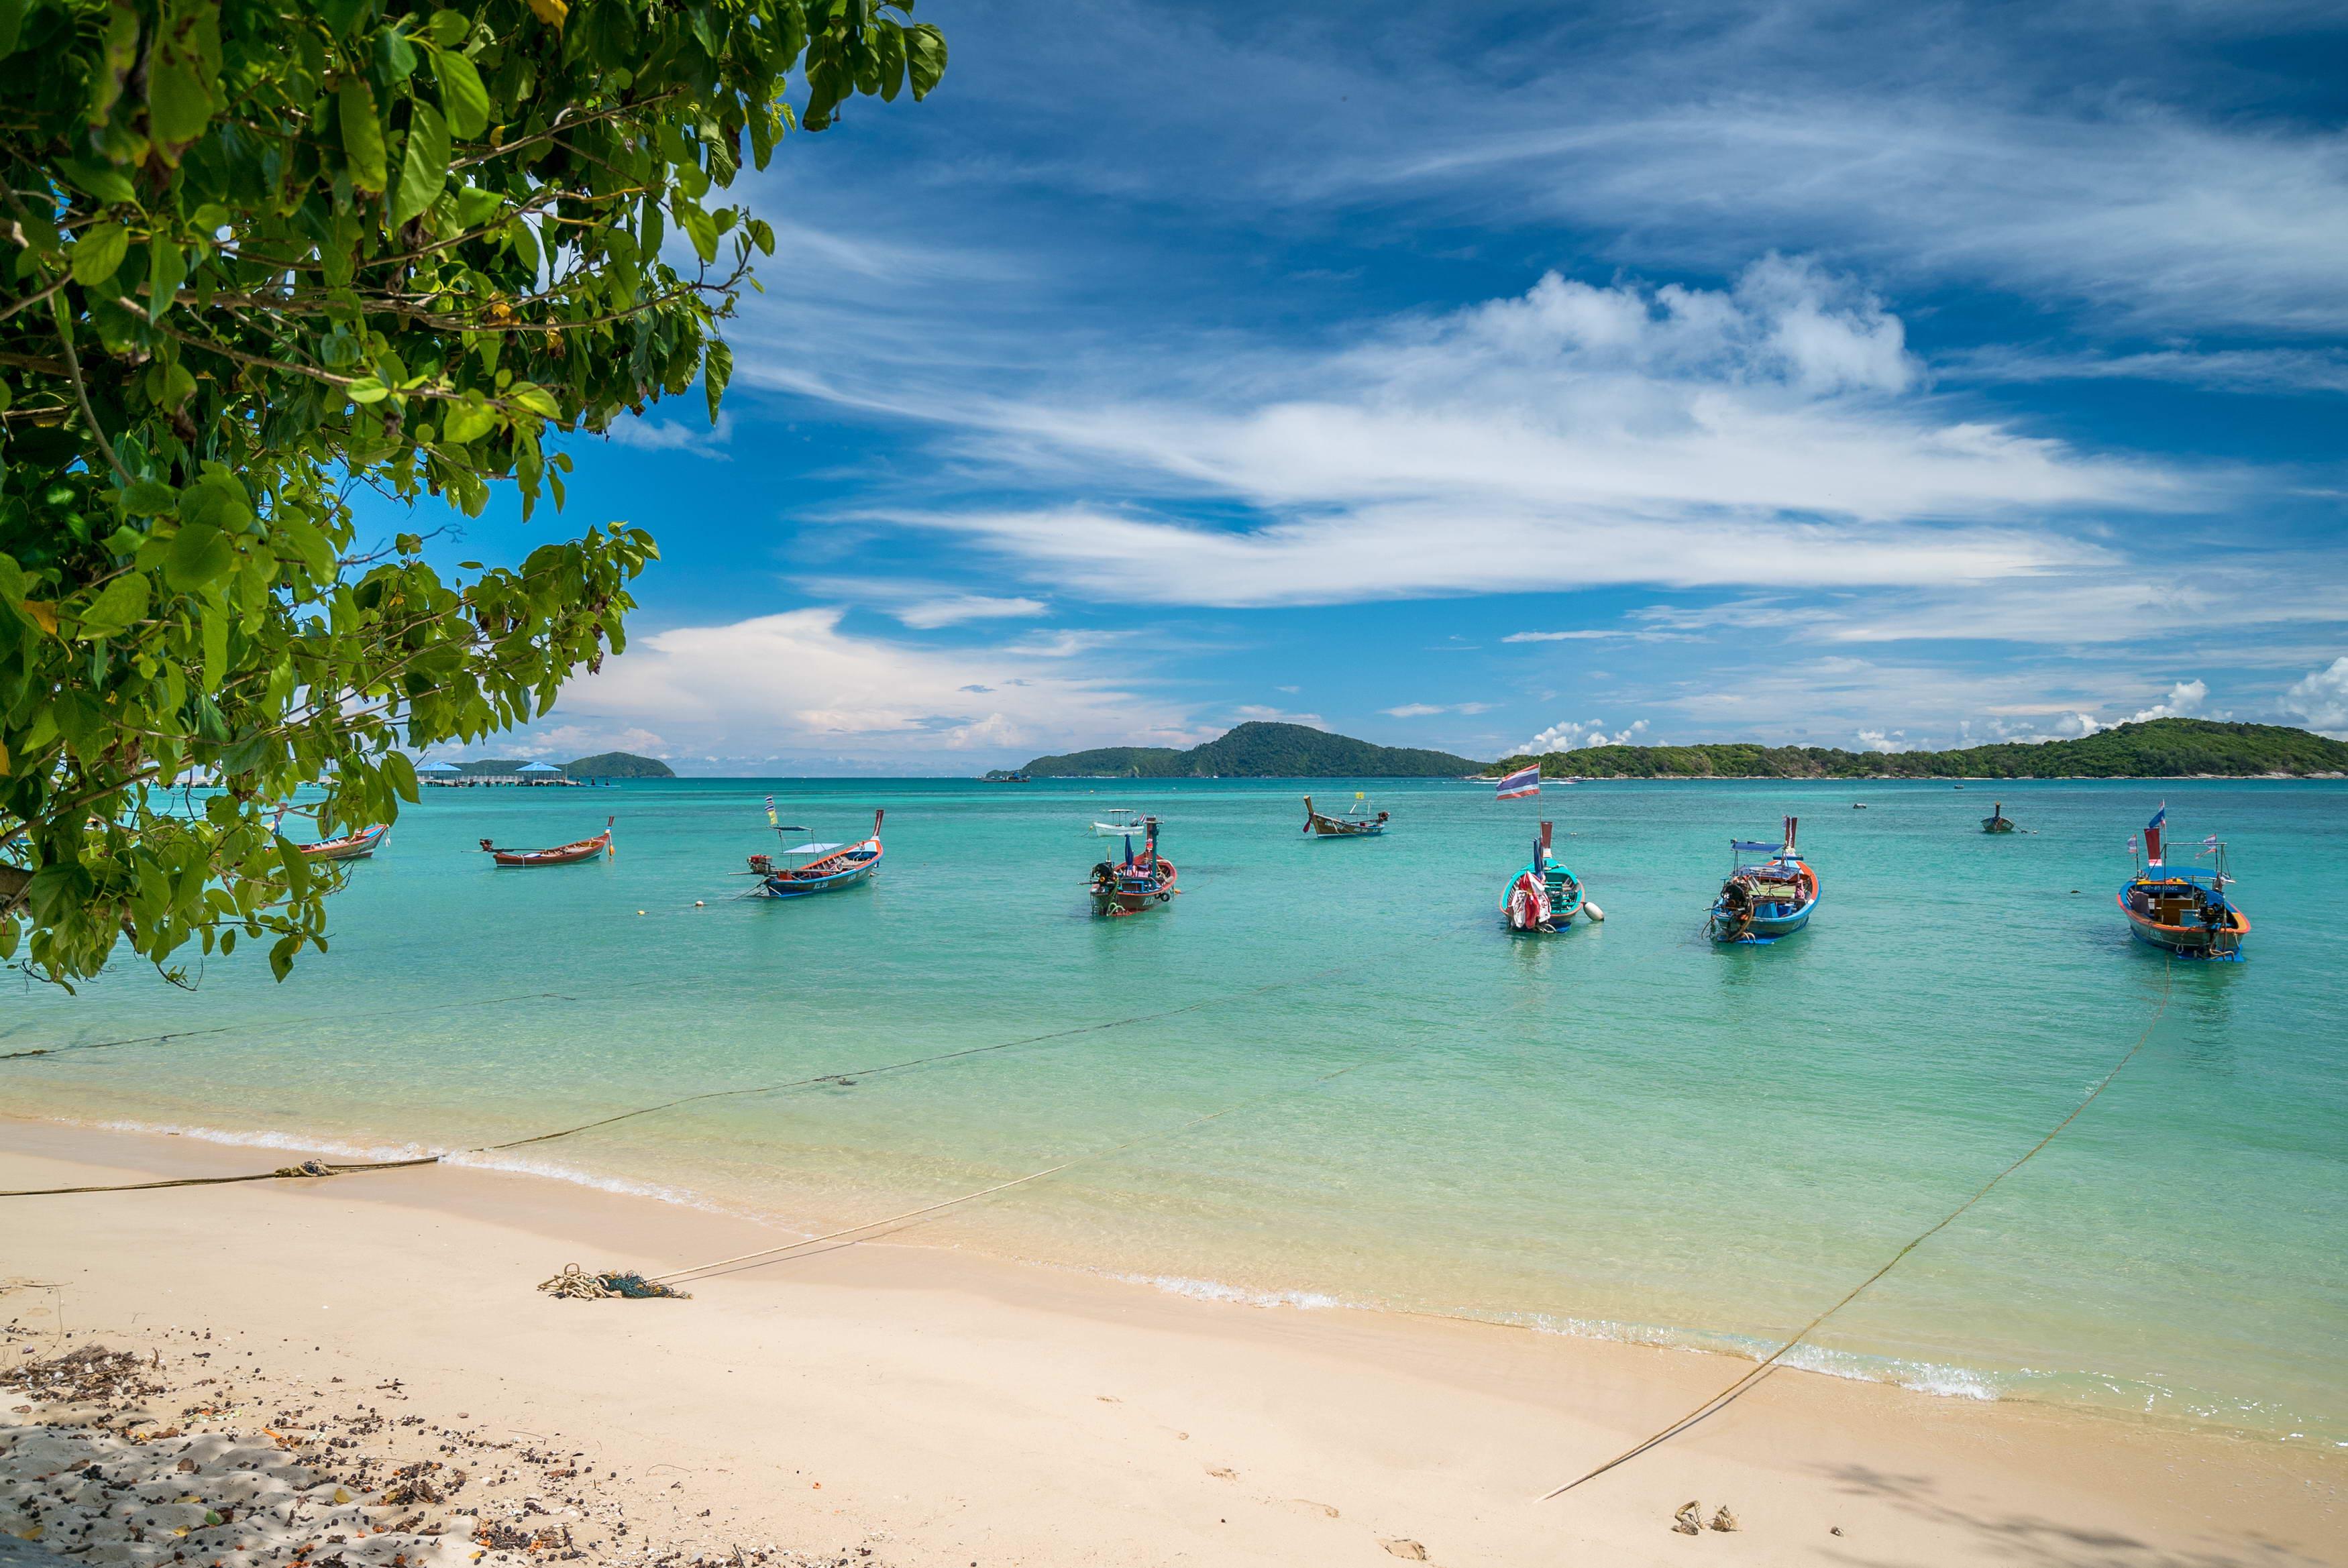 СМИ: Таиланд не откроет границы для иностранных туристов ранее 2021 года